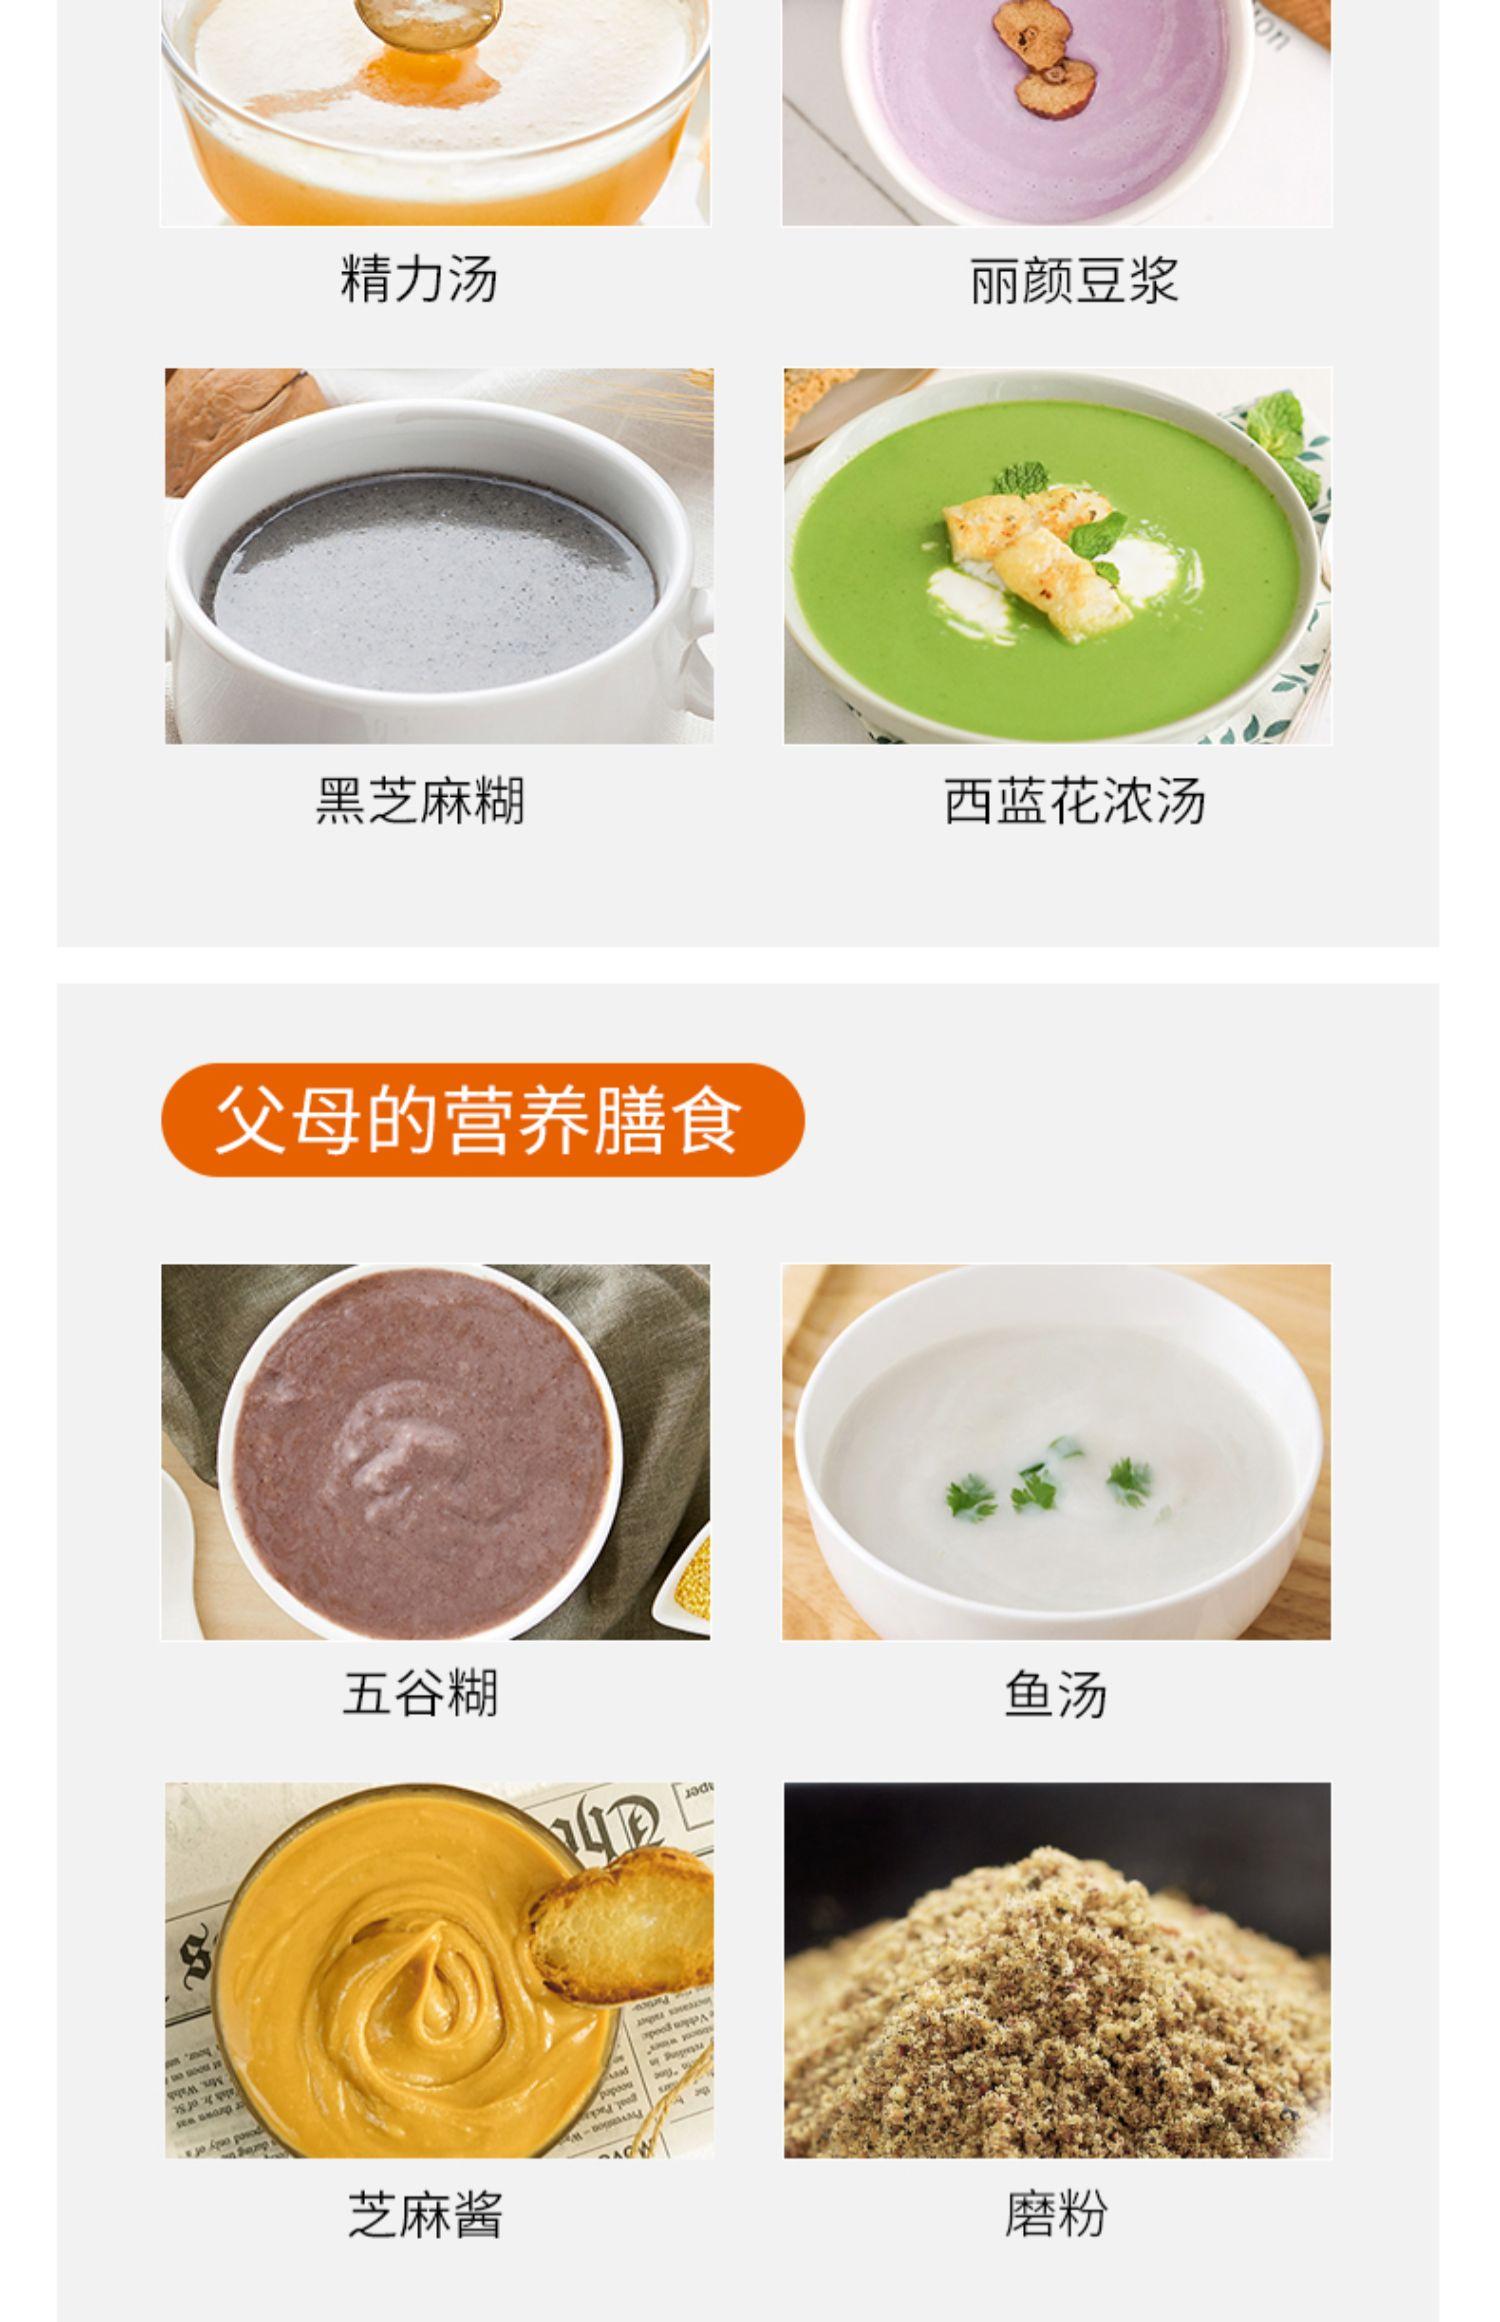 九阳新款家用加热豆浆料理破壁机